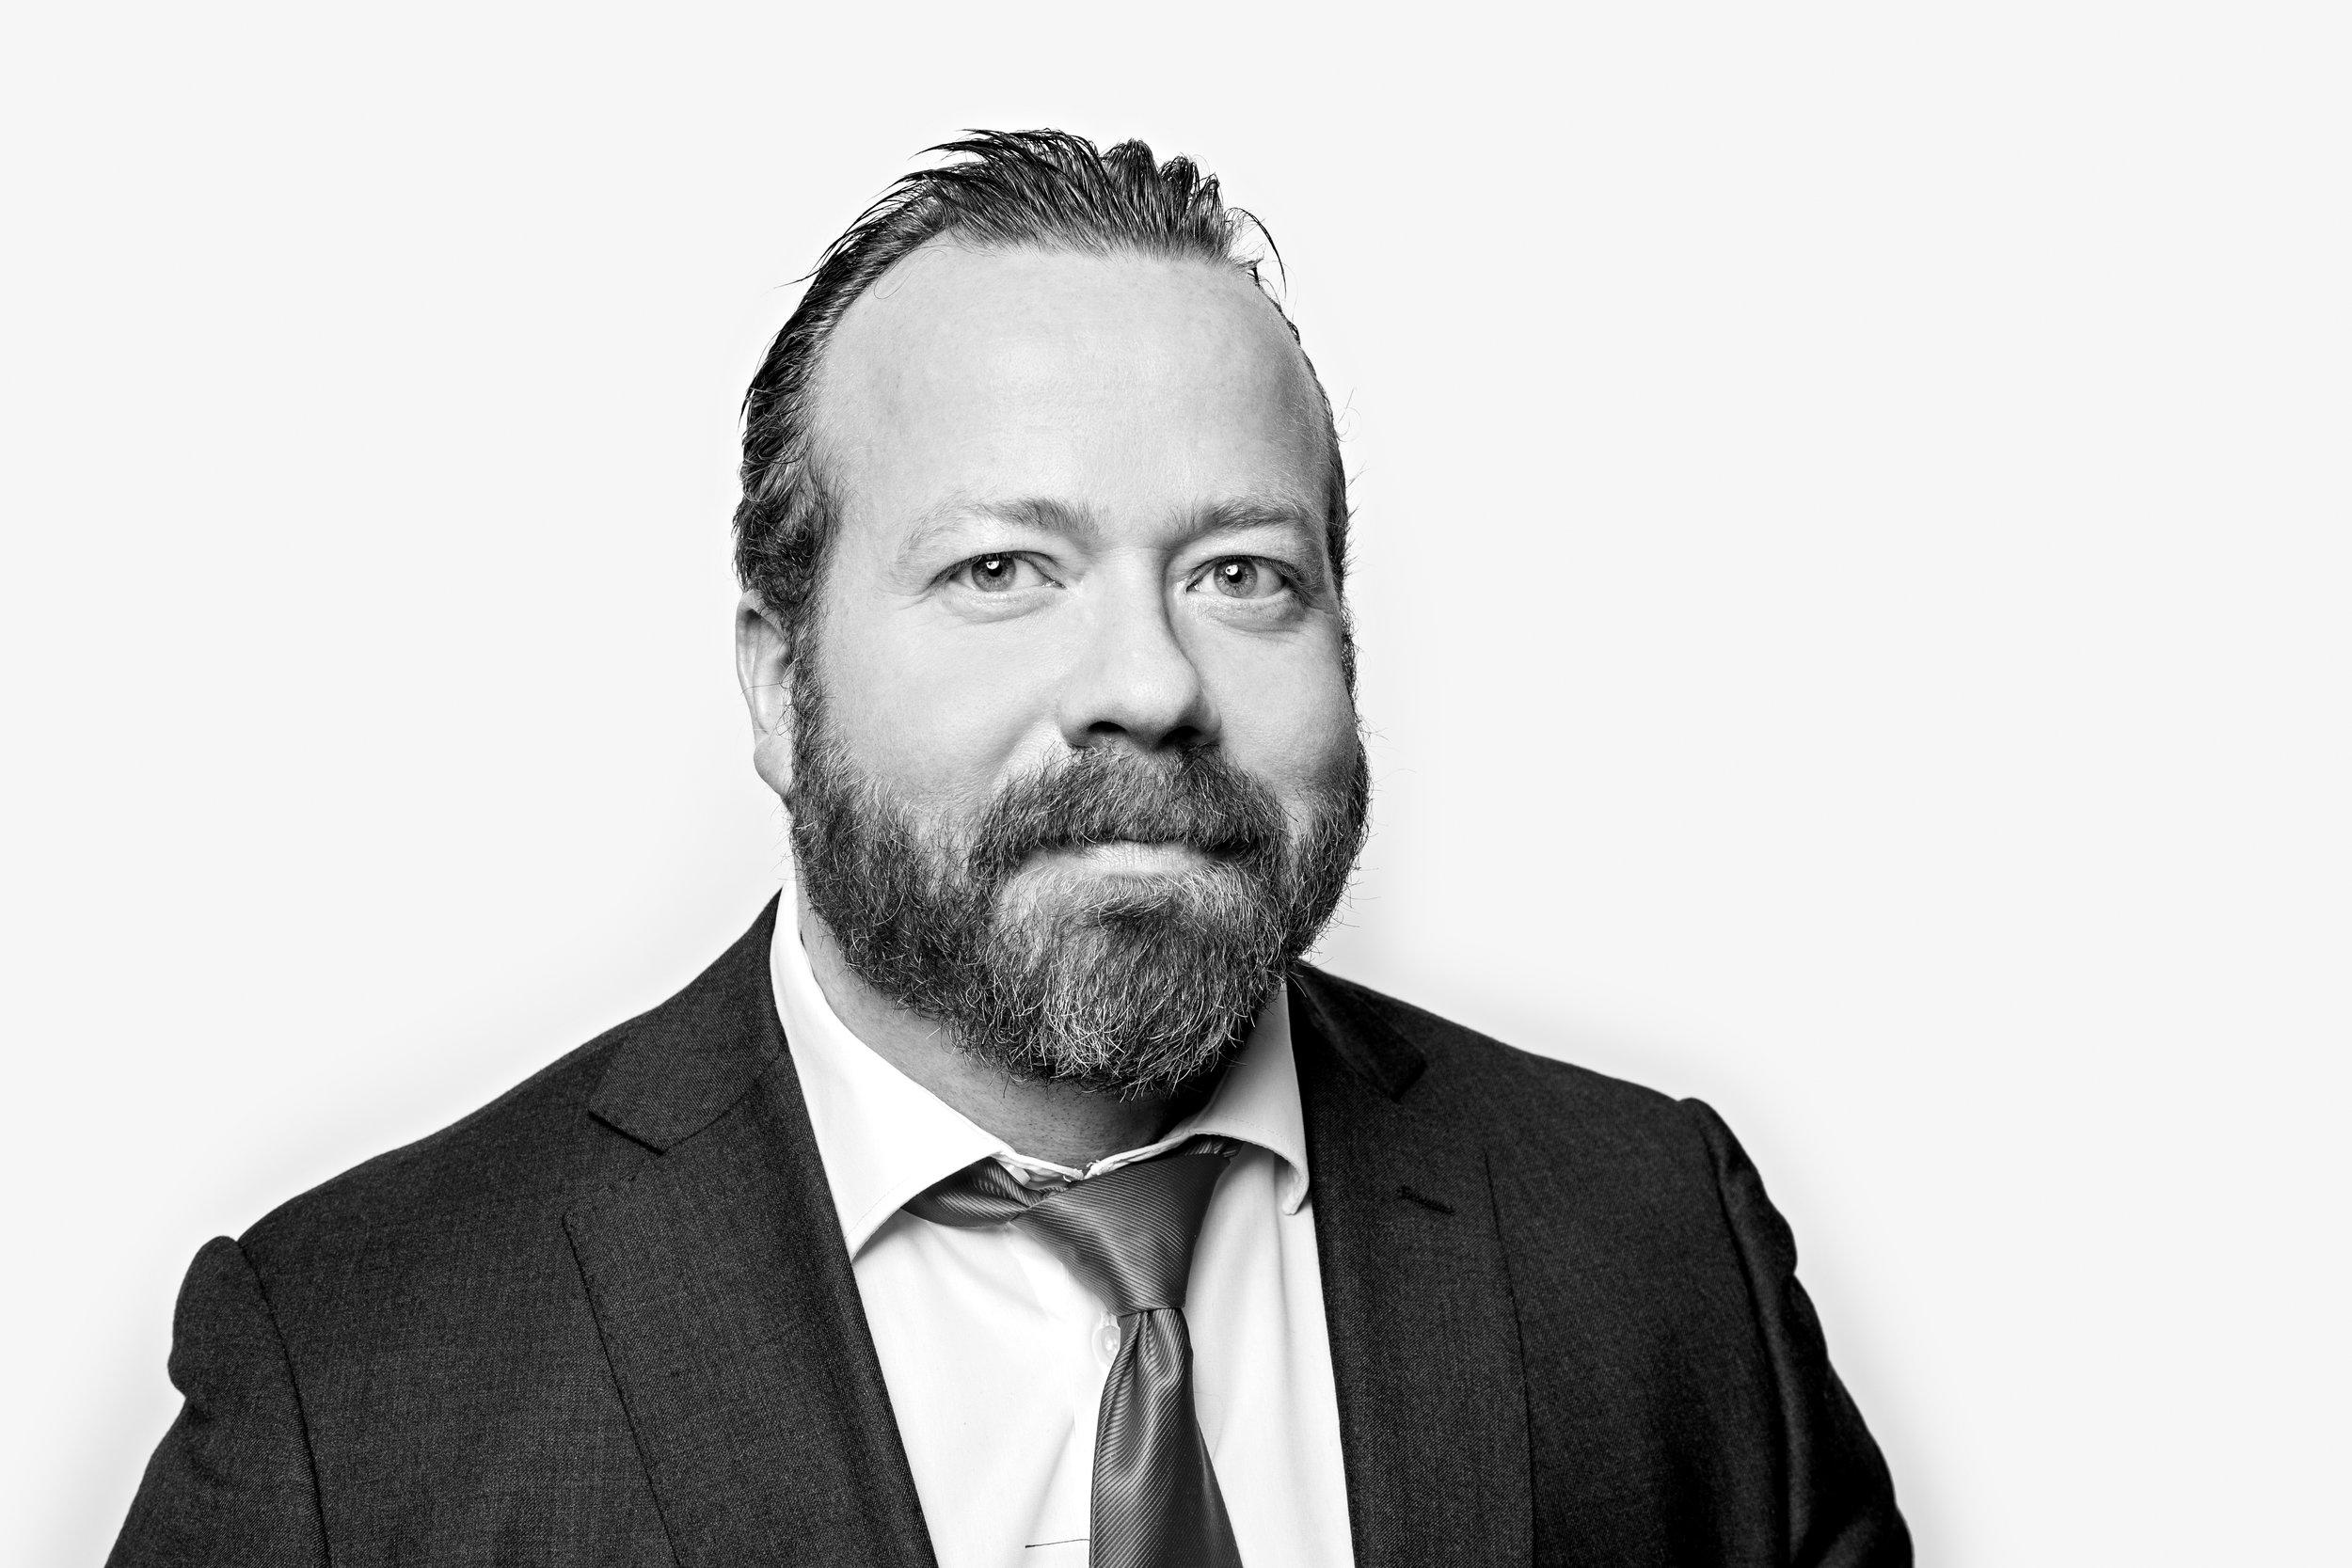 Forfatter Asbjørn Næss er tidligere stjernereporter i Finansavisen